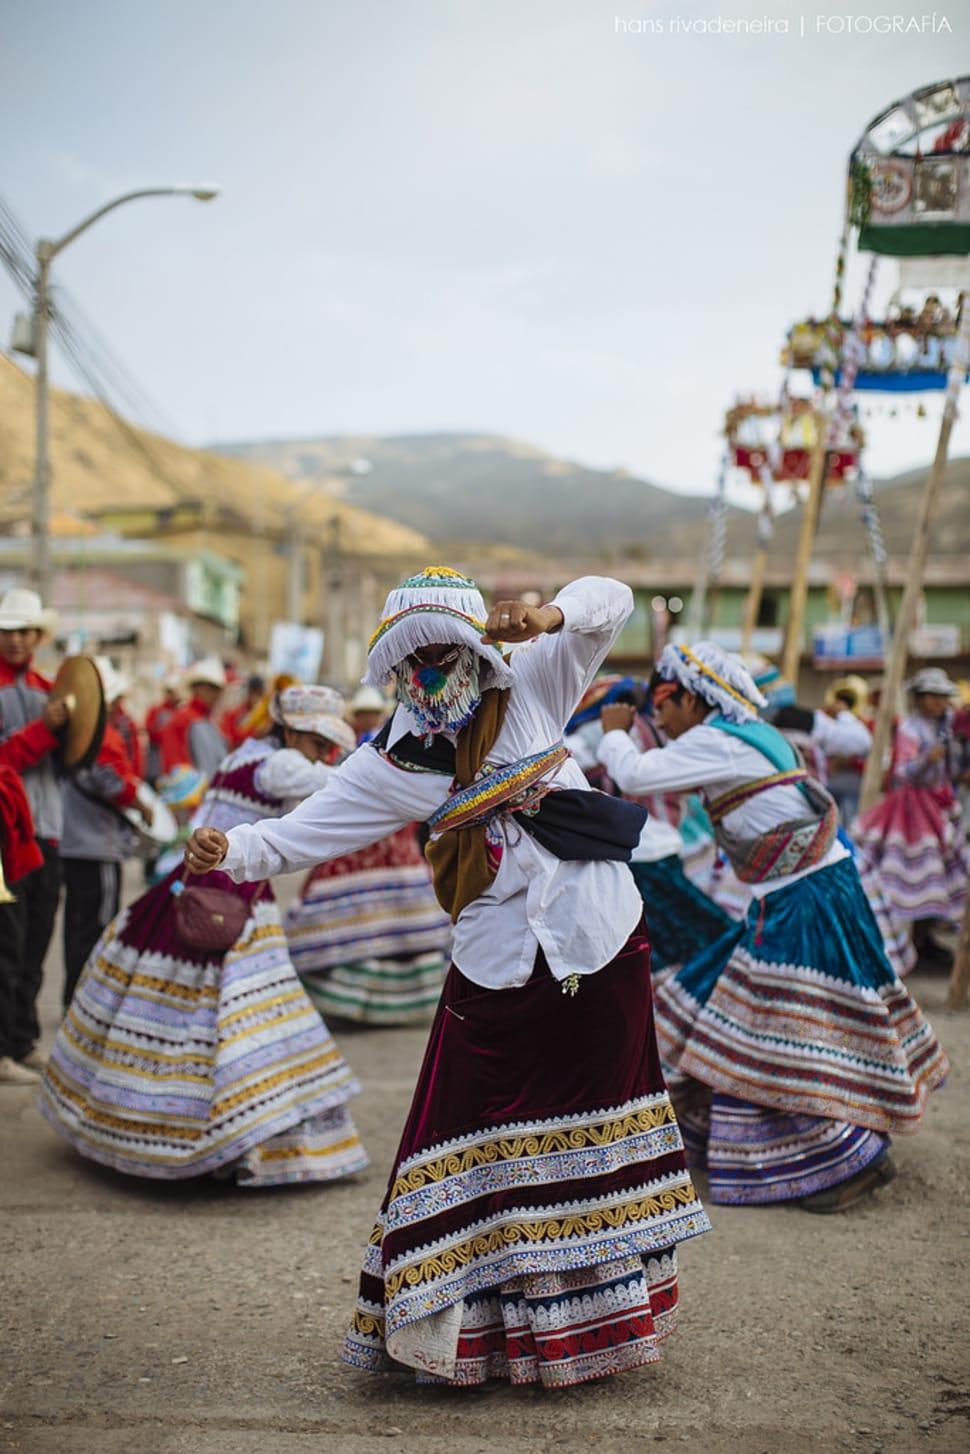 Wititi Dance in Peru - Best Season